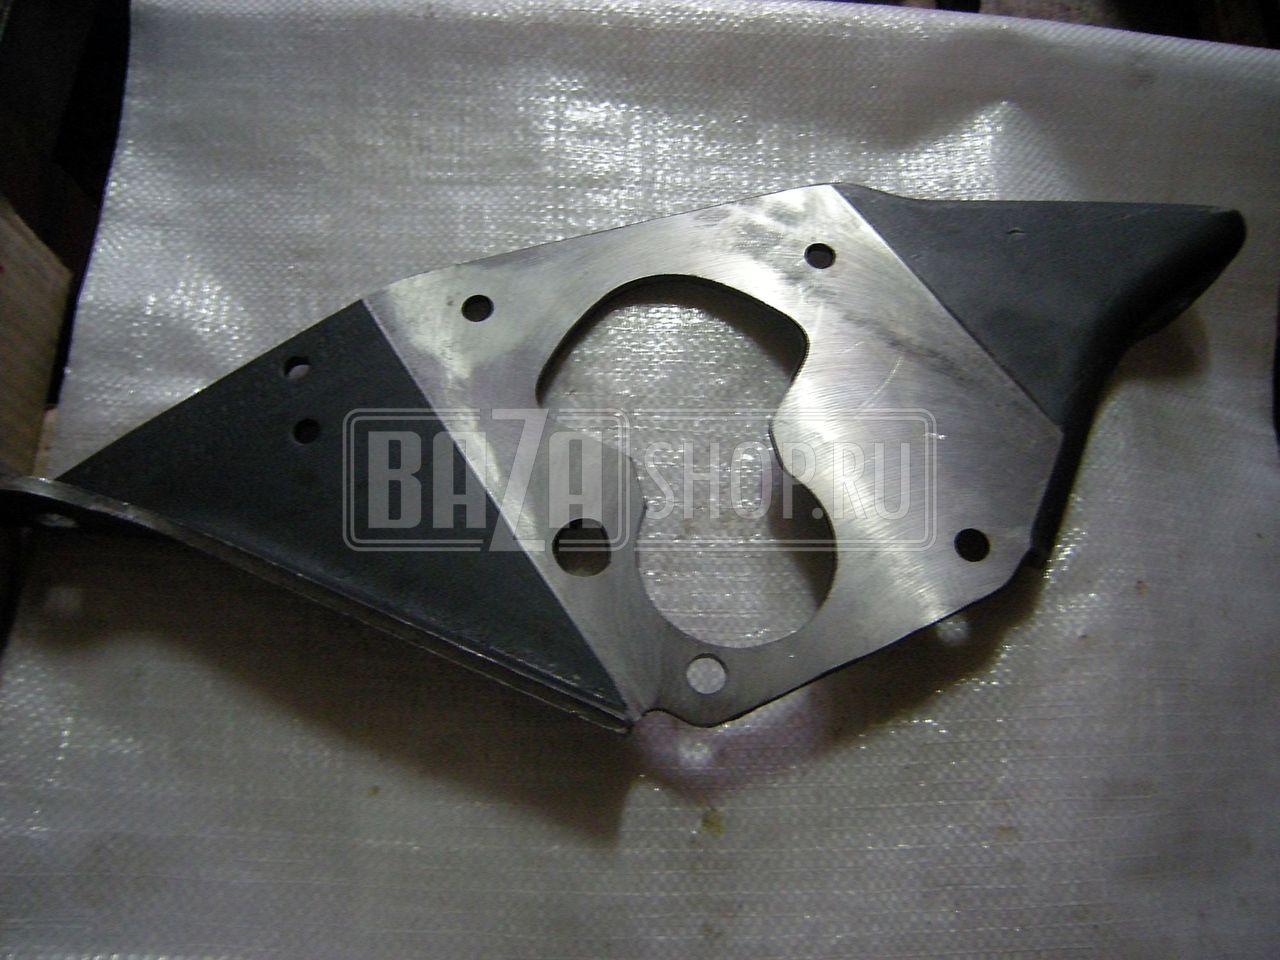 Пластины теплообменника КС 84 Элиста Пластинчатые паяные теплообменники Danfoss серия XB20 Калининград